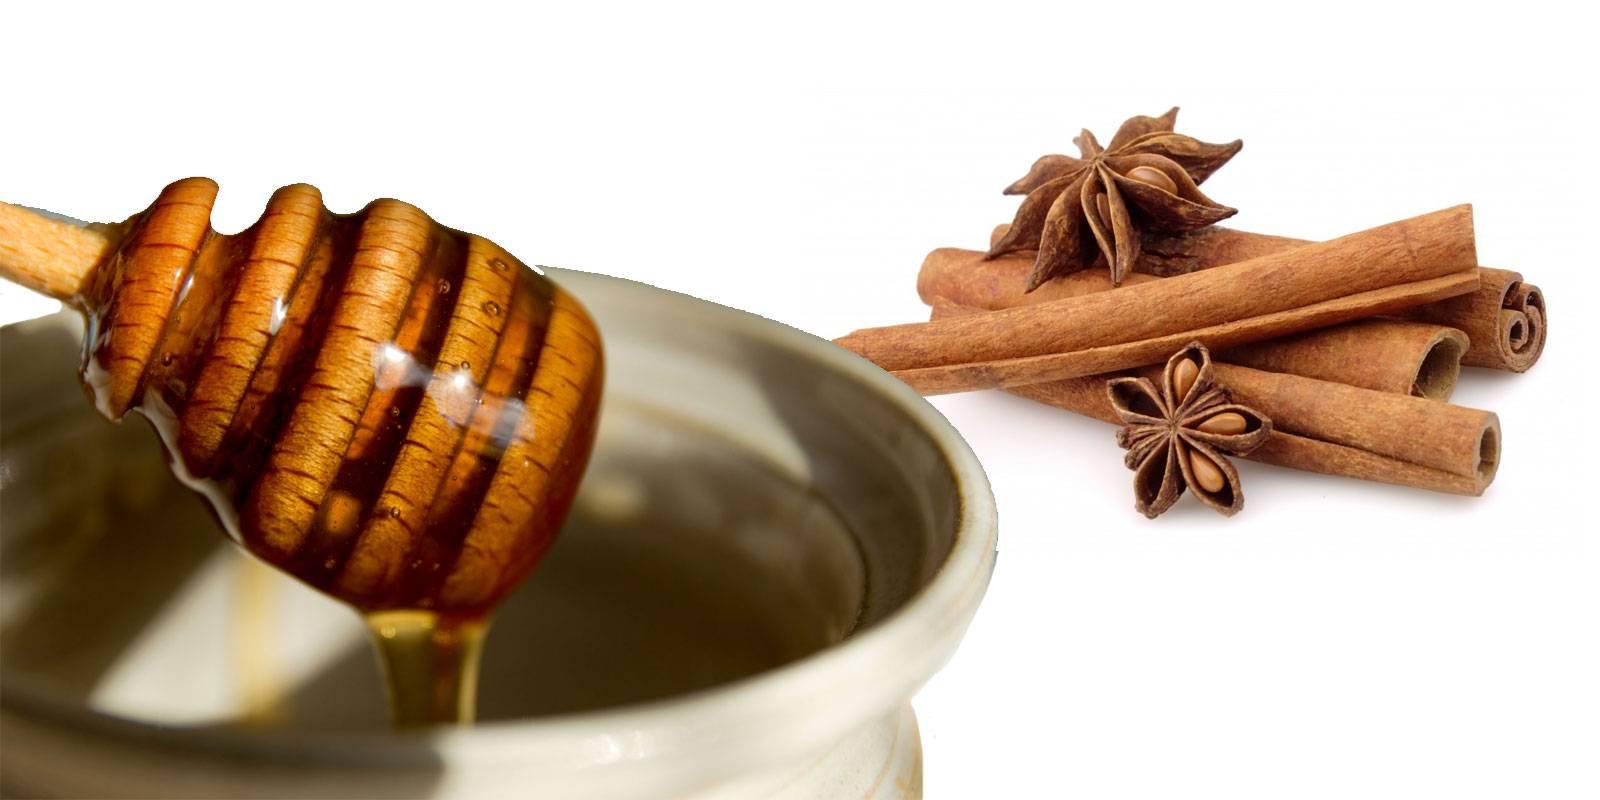 Как кофе с медом помогает похудеть? и еще 3 полезных свойства необычного напитка